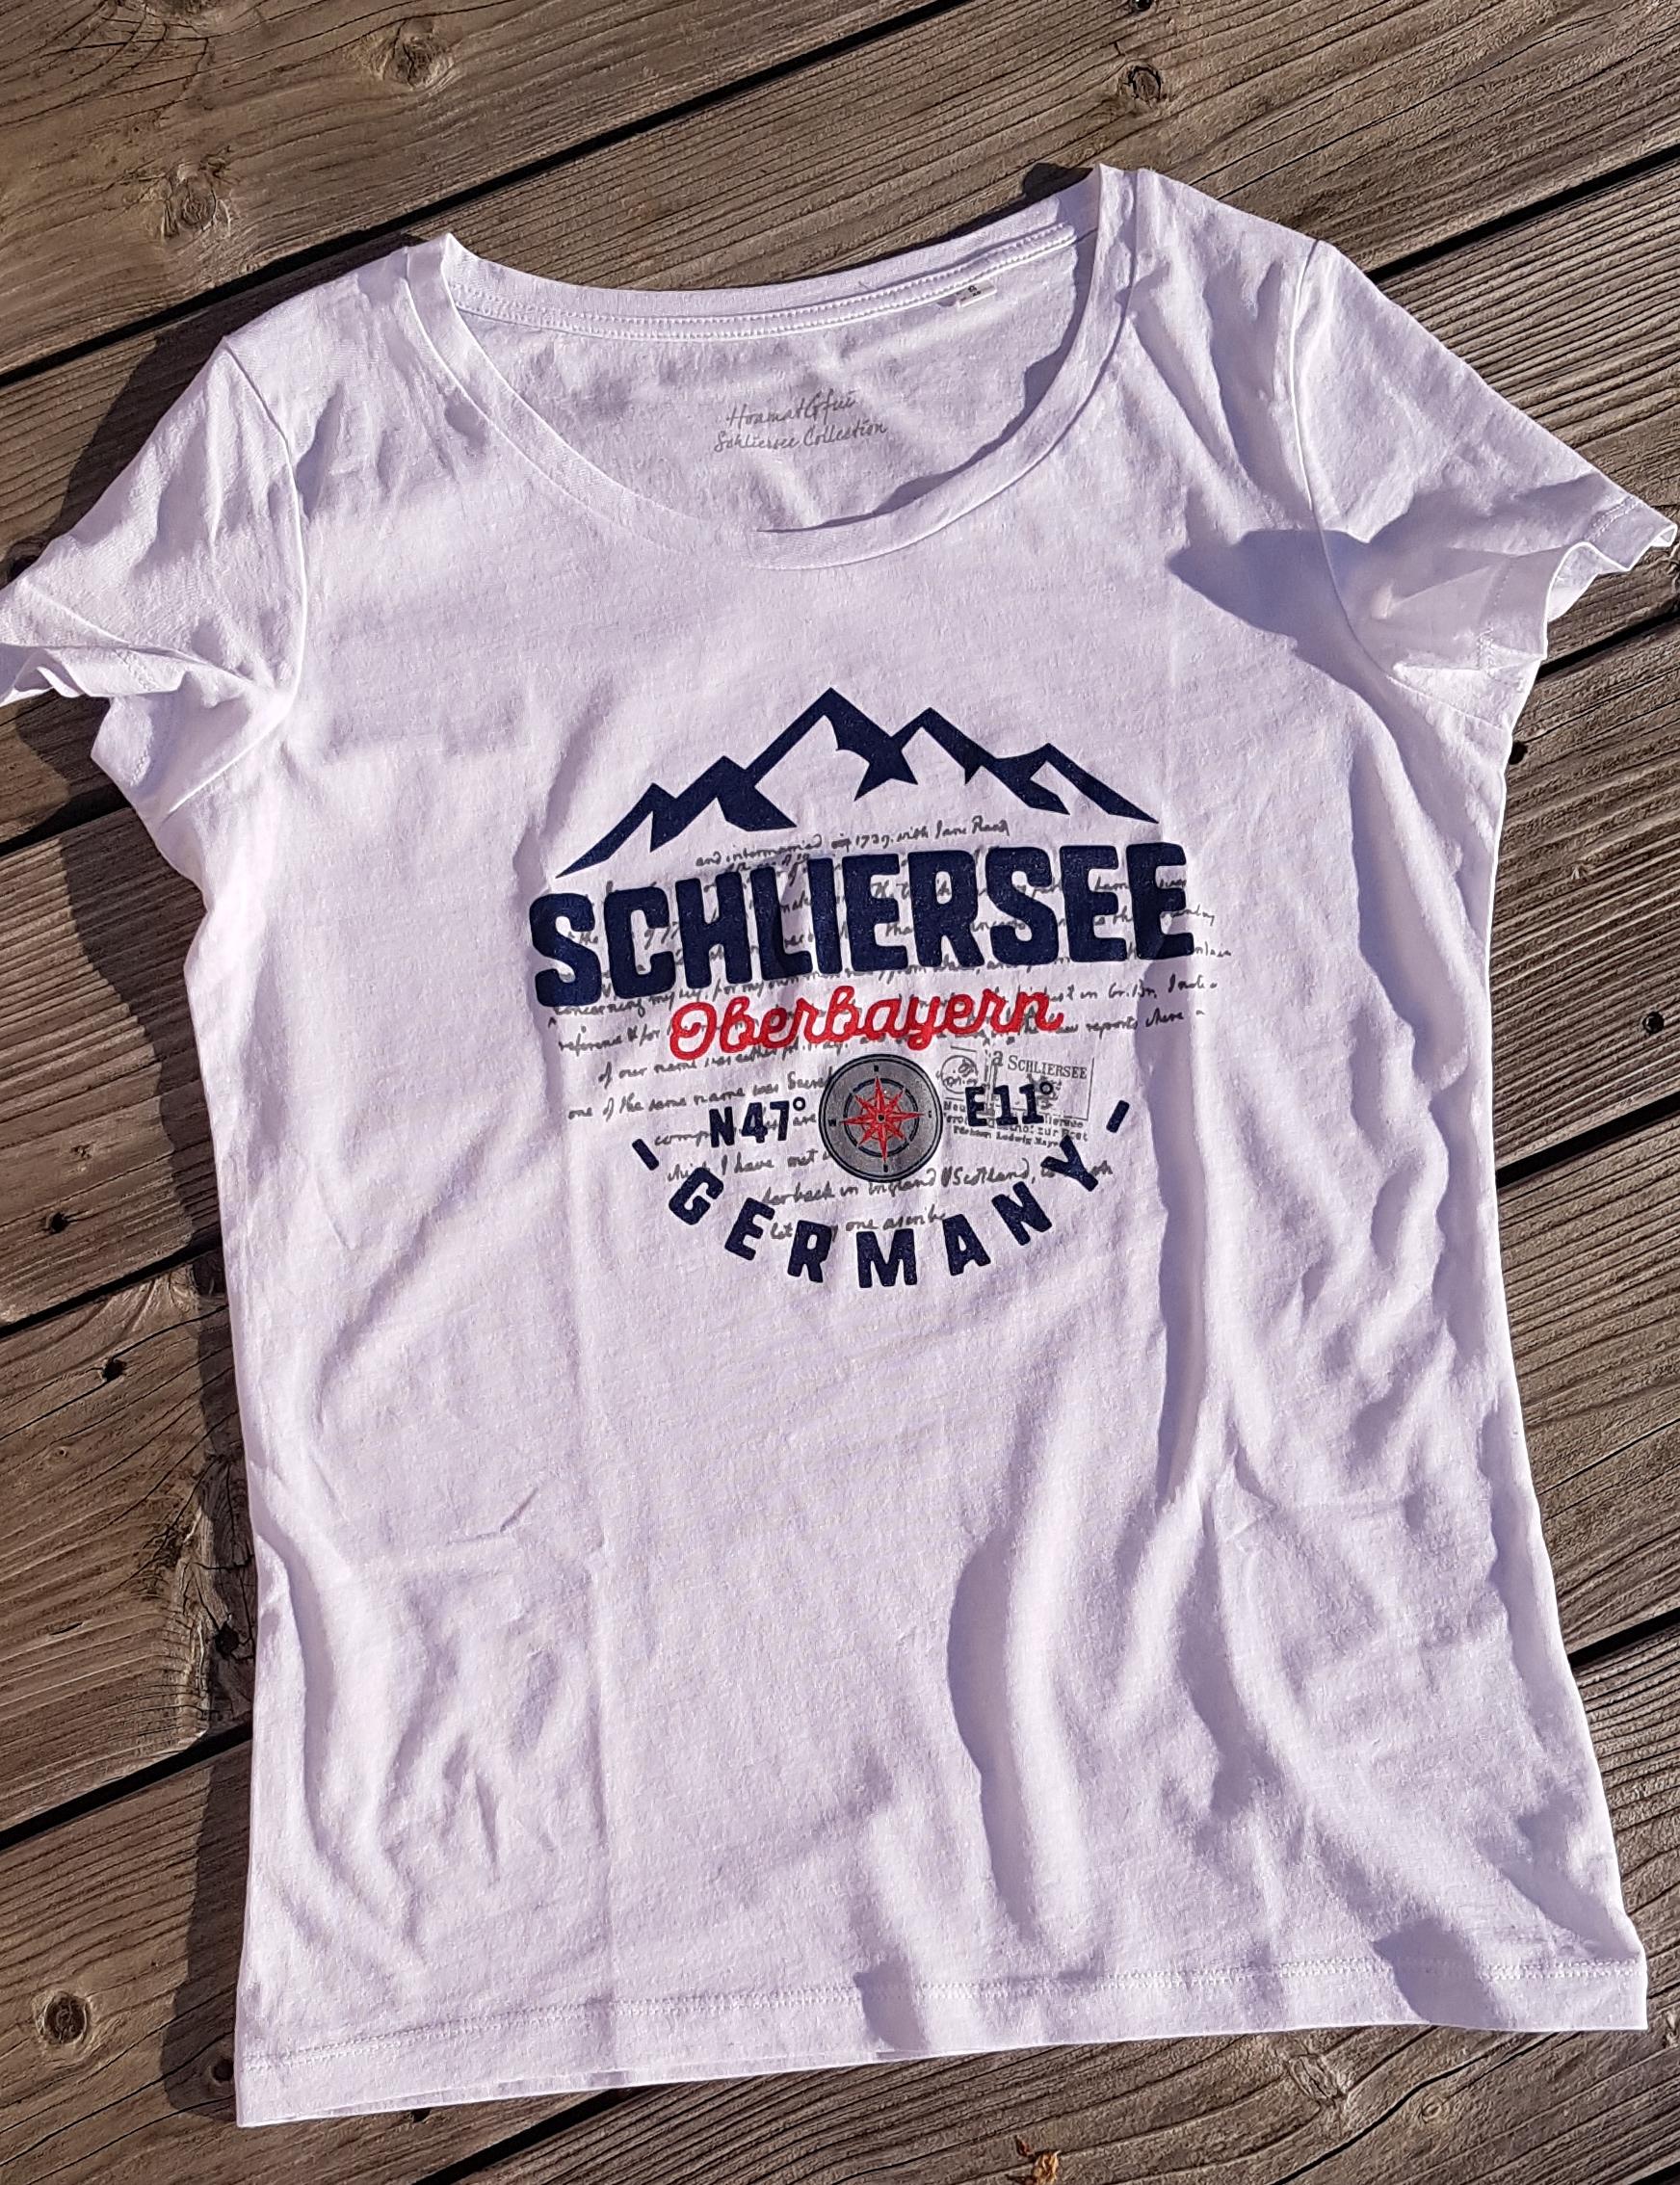 Schliersee N47° E11° T-Shirt Damen